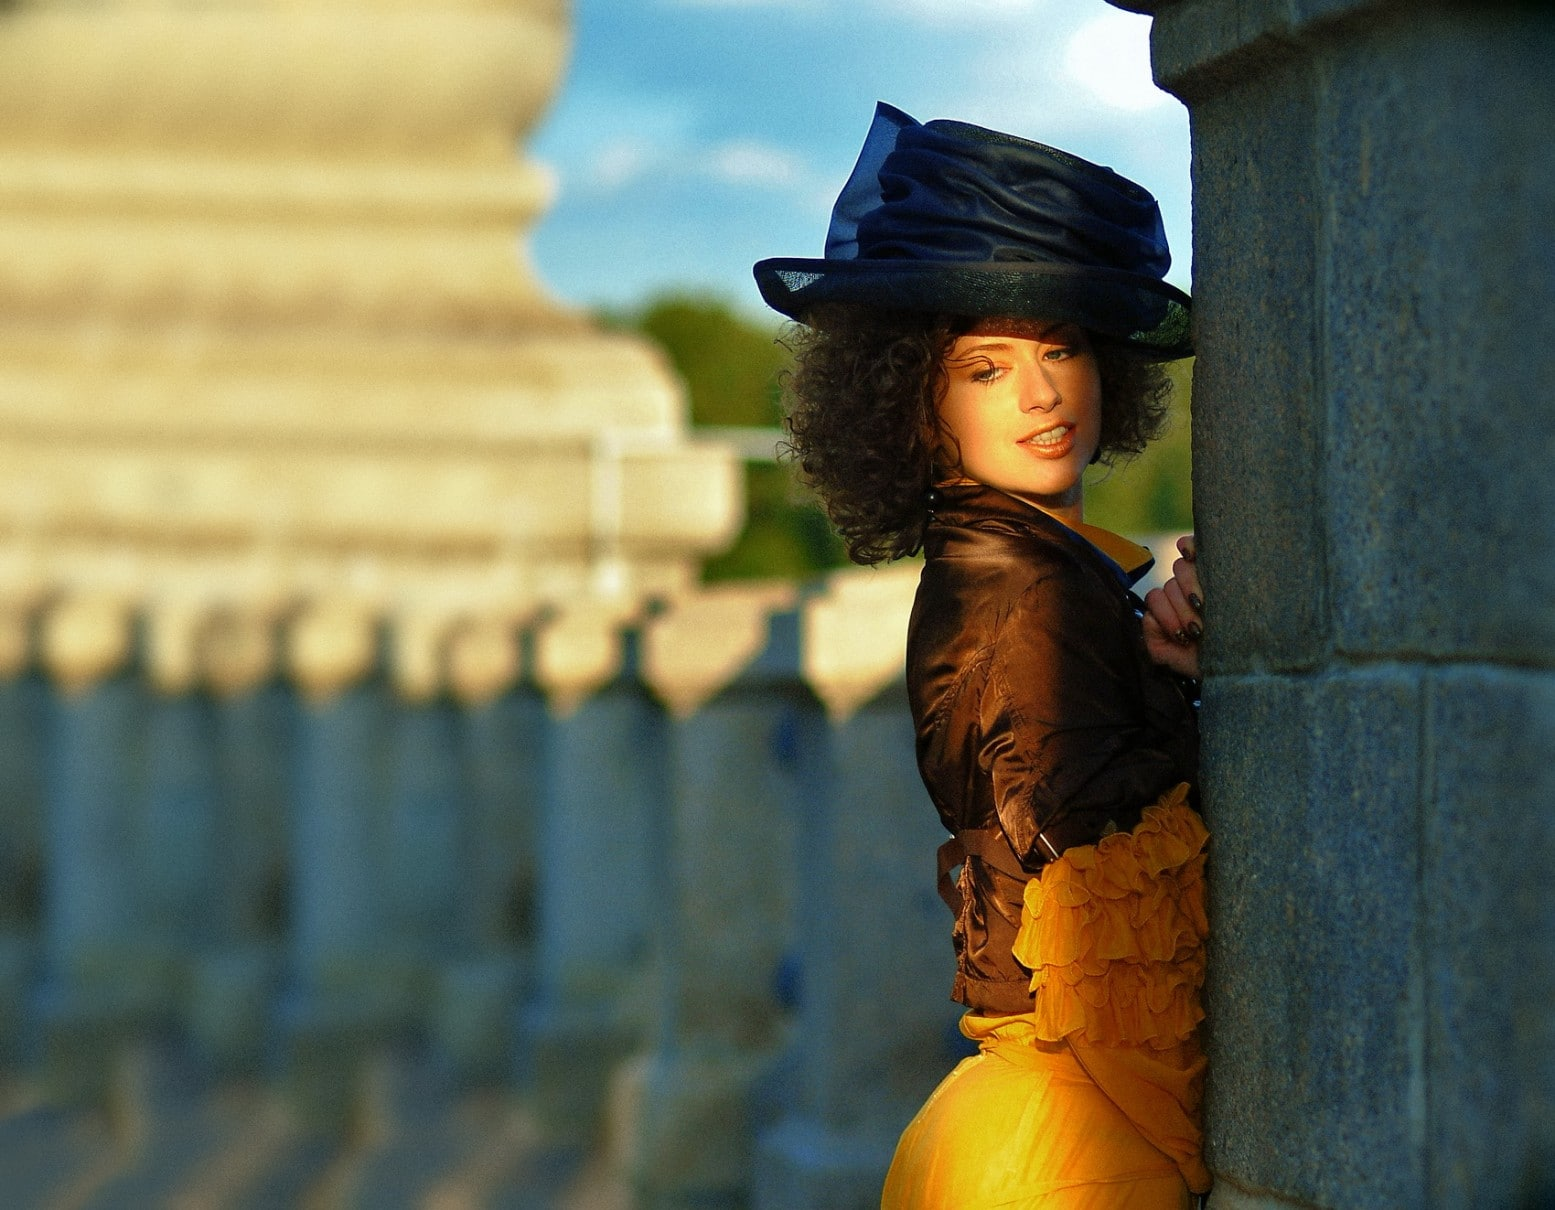 девушка в шляпке, девушка в желтой юбке на каменном мосту